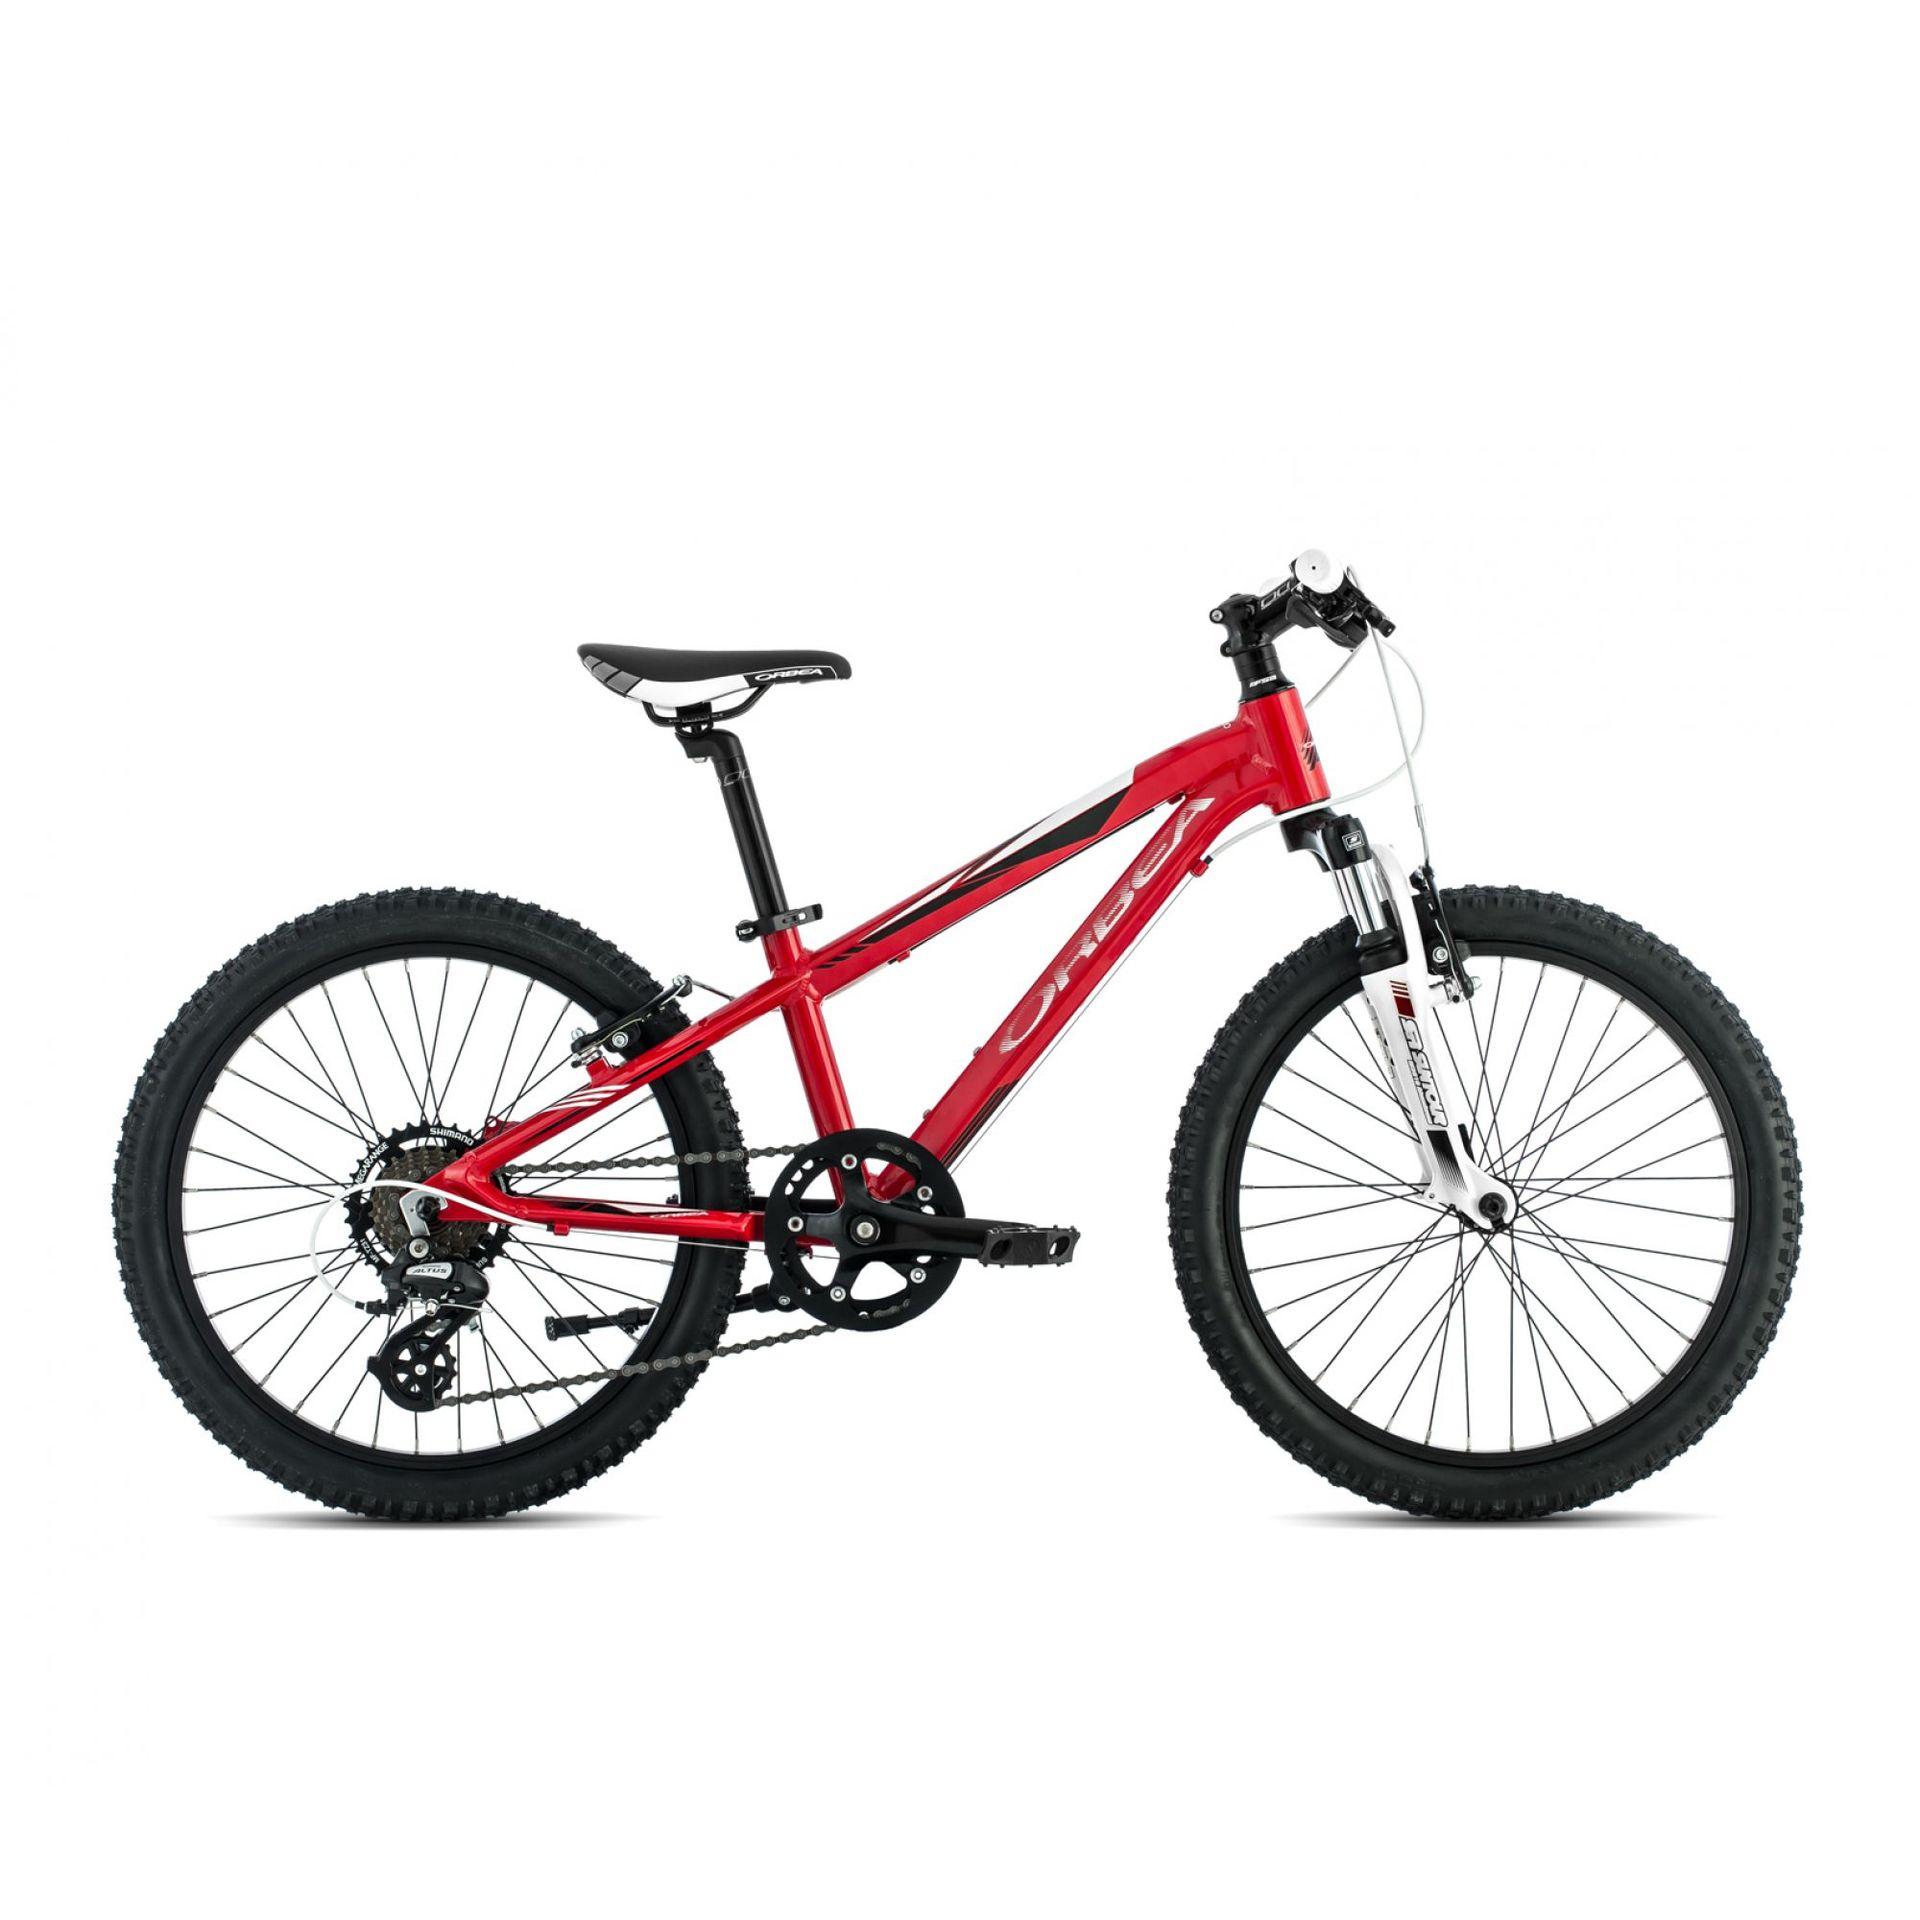 Rower Orbea MX 20 XC czerwony